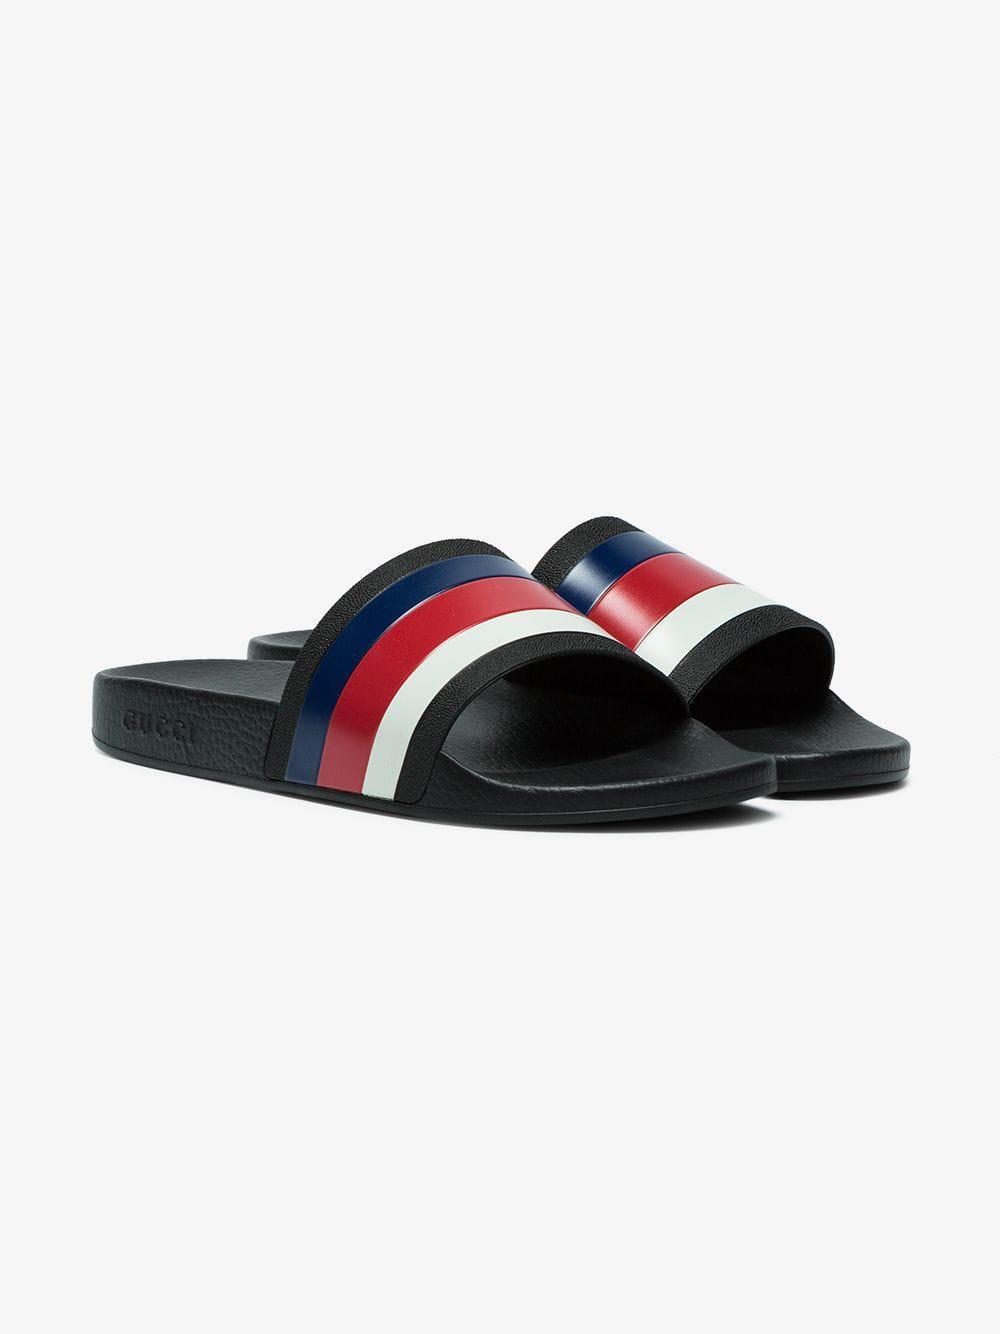 890750e8705cf Lyst - Gucci Web Slide Sandals in Black for Men